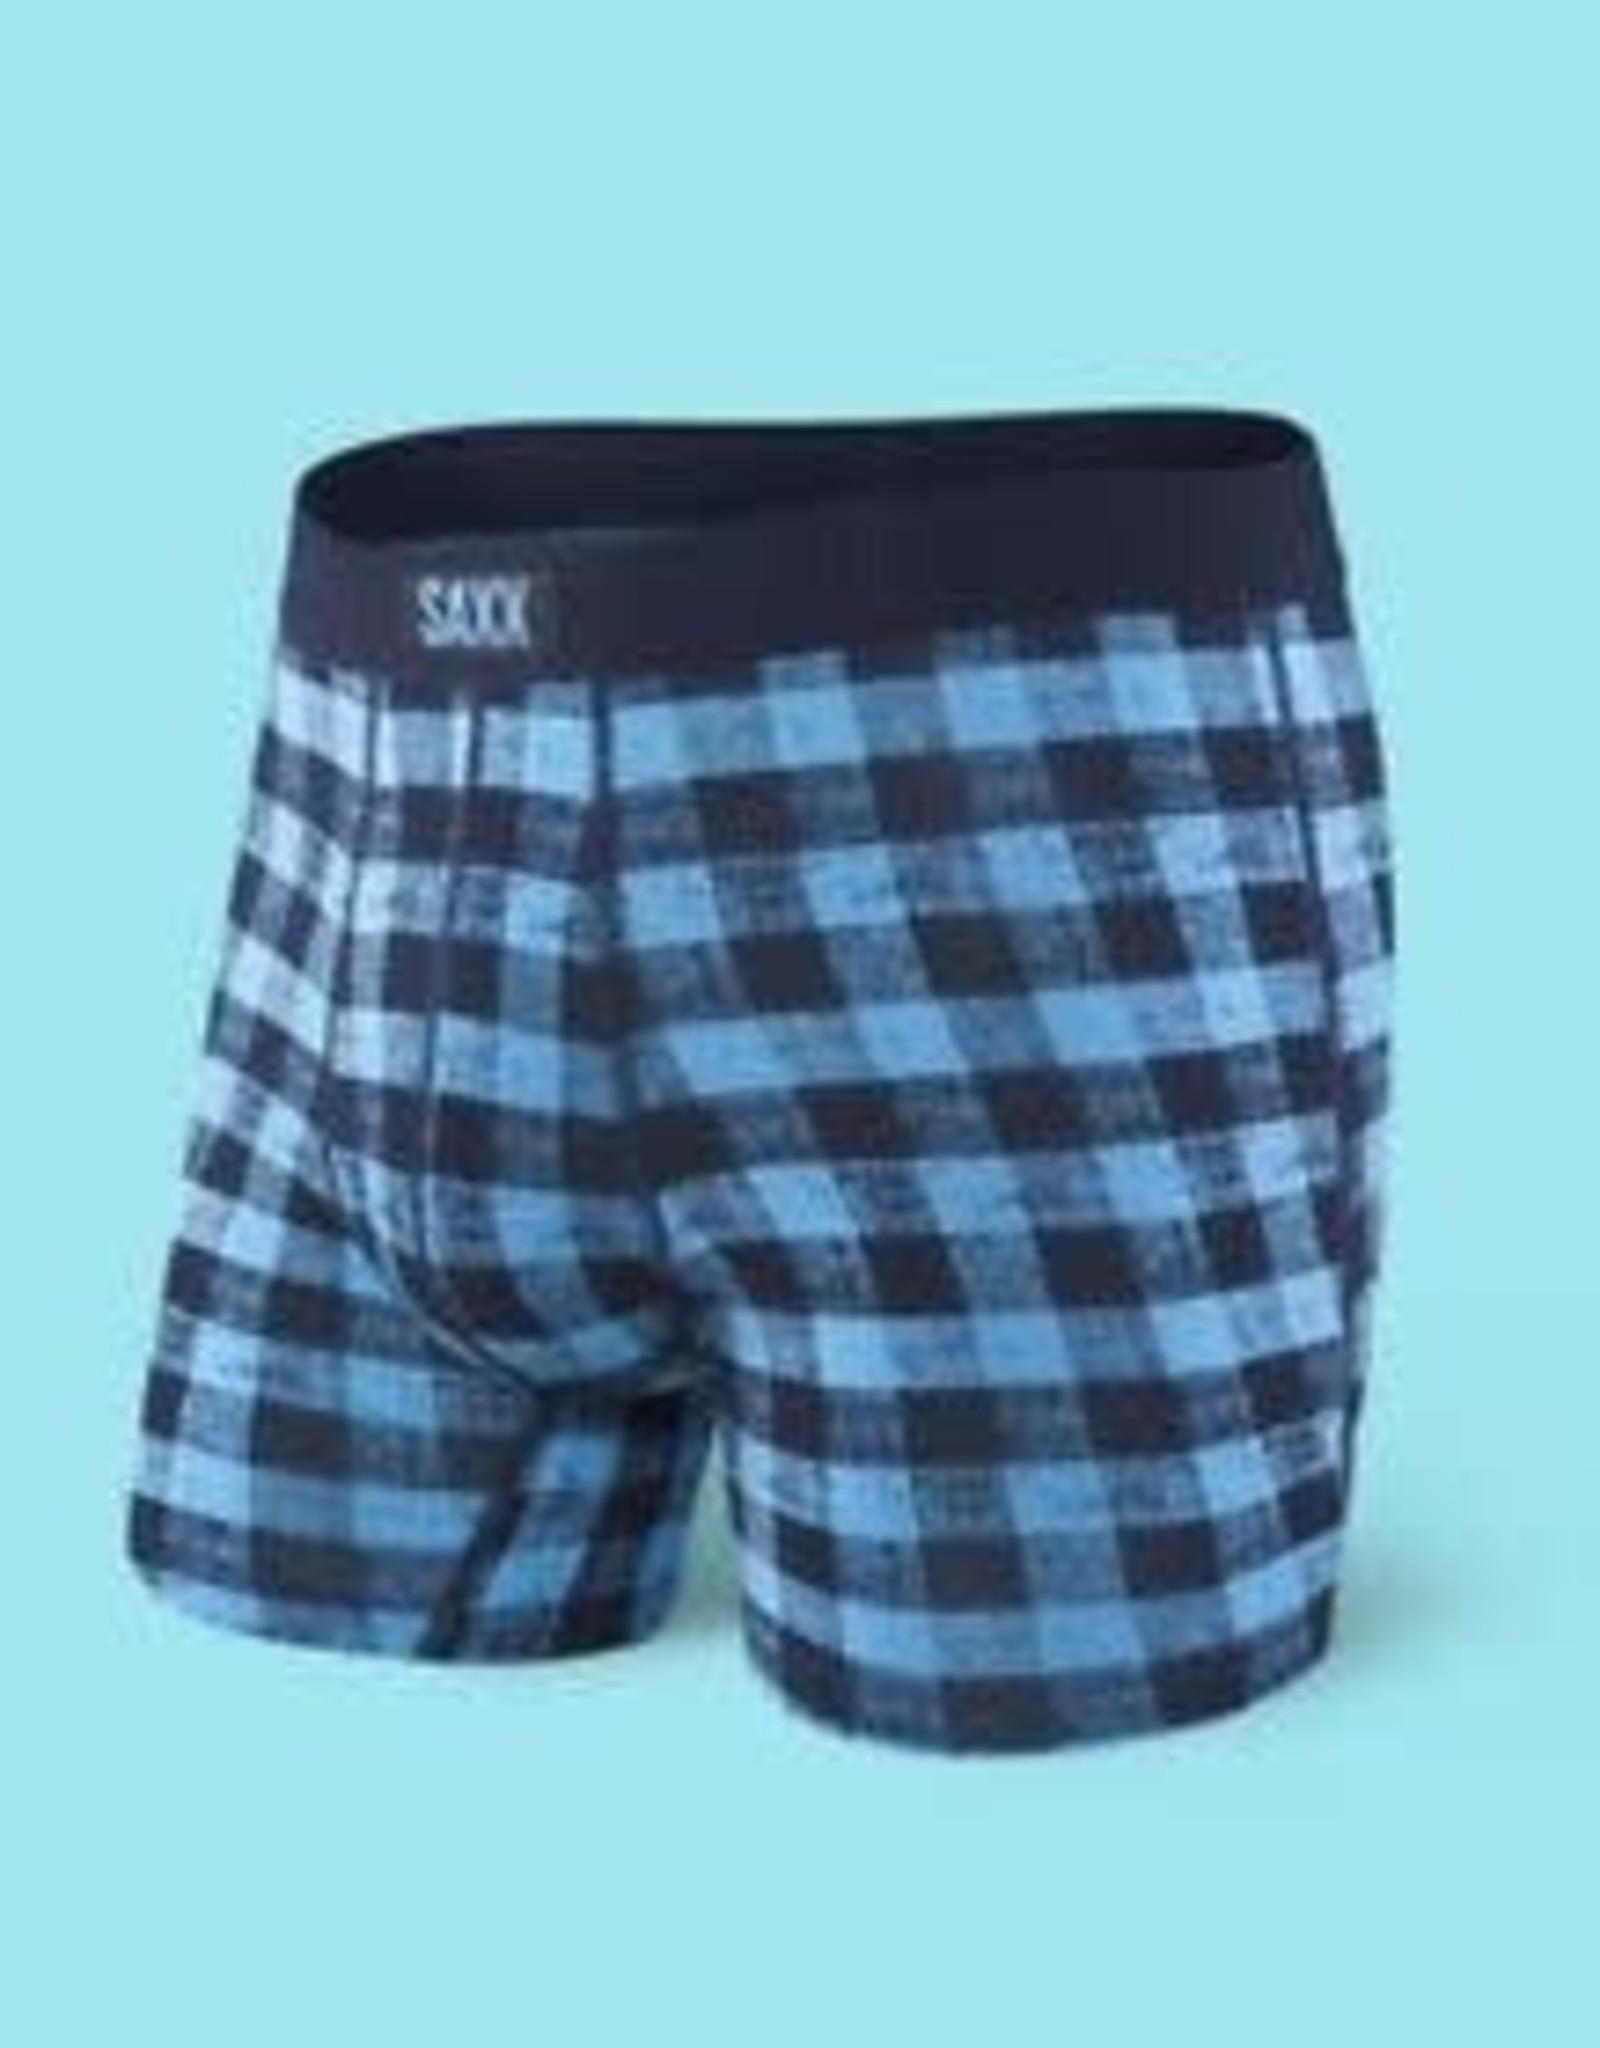 SAXX Undercover Boxer Brief